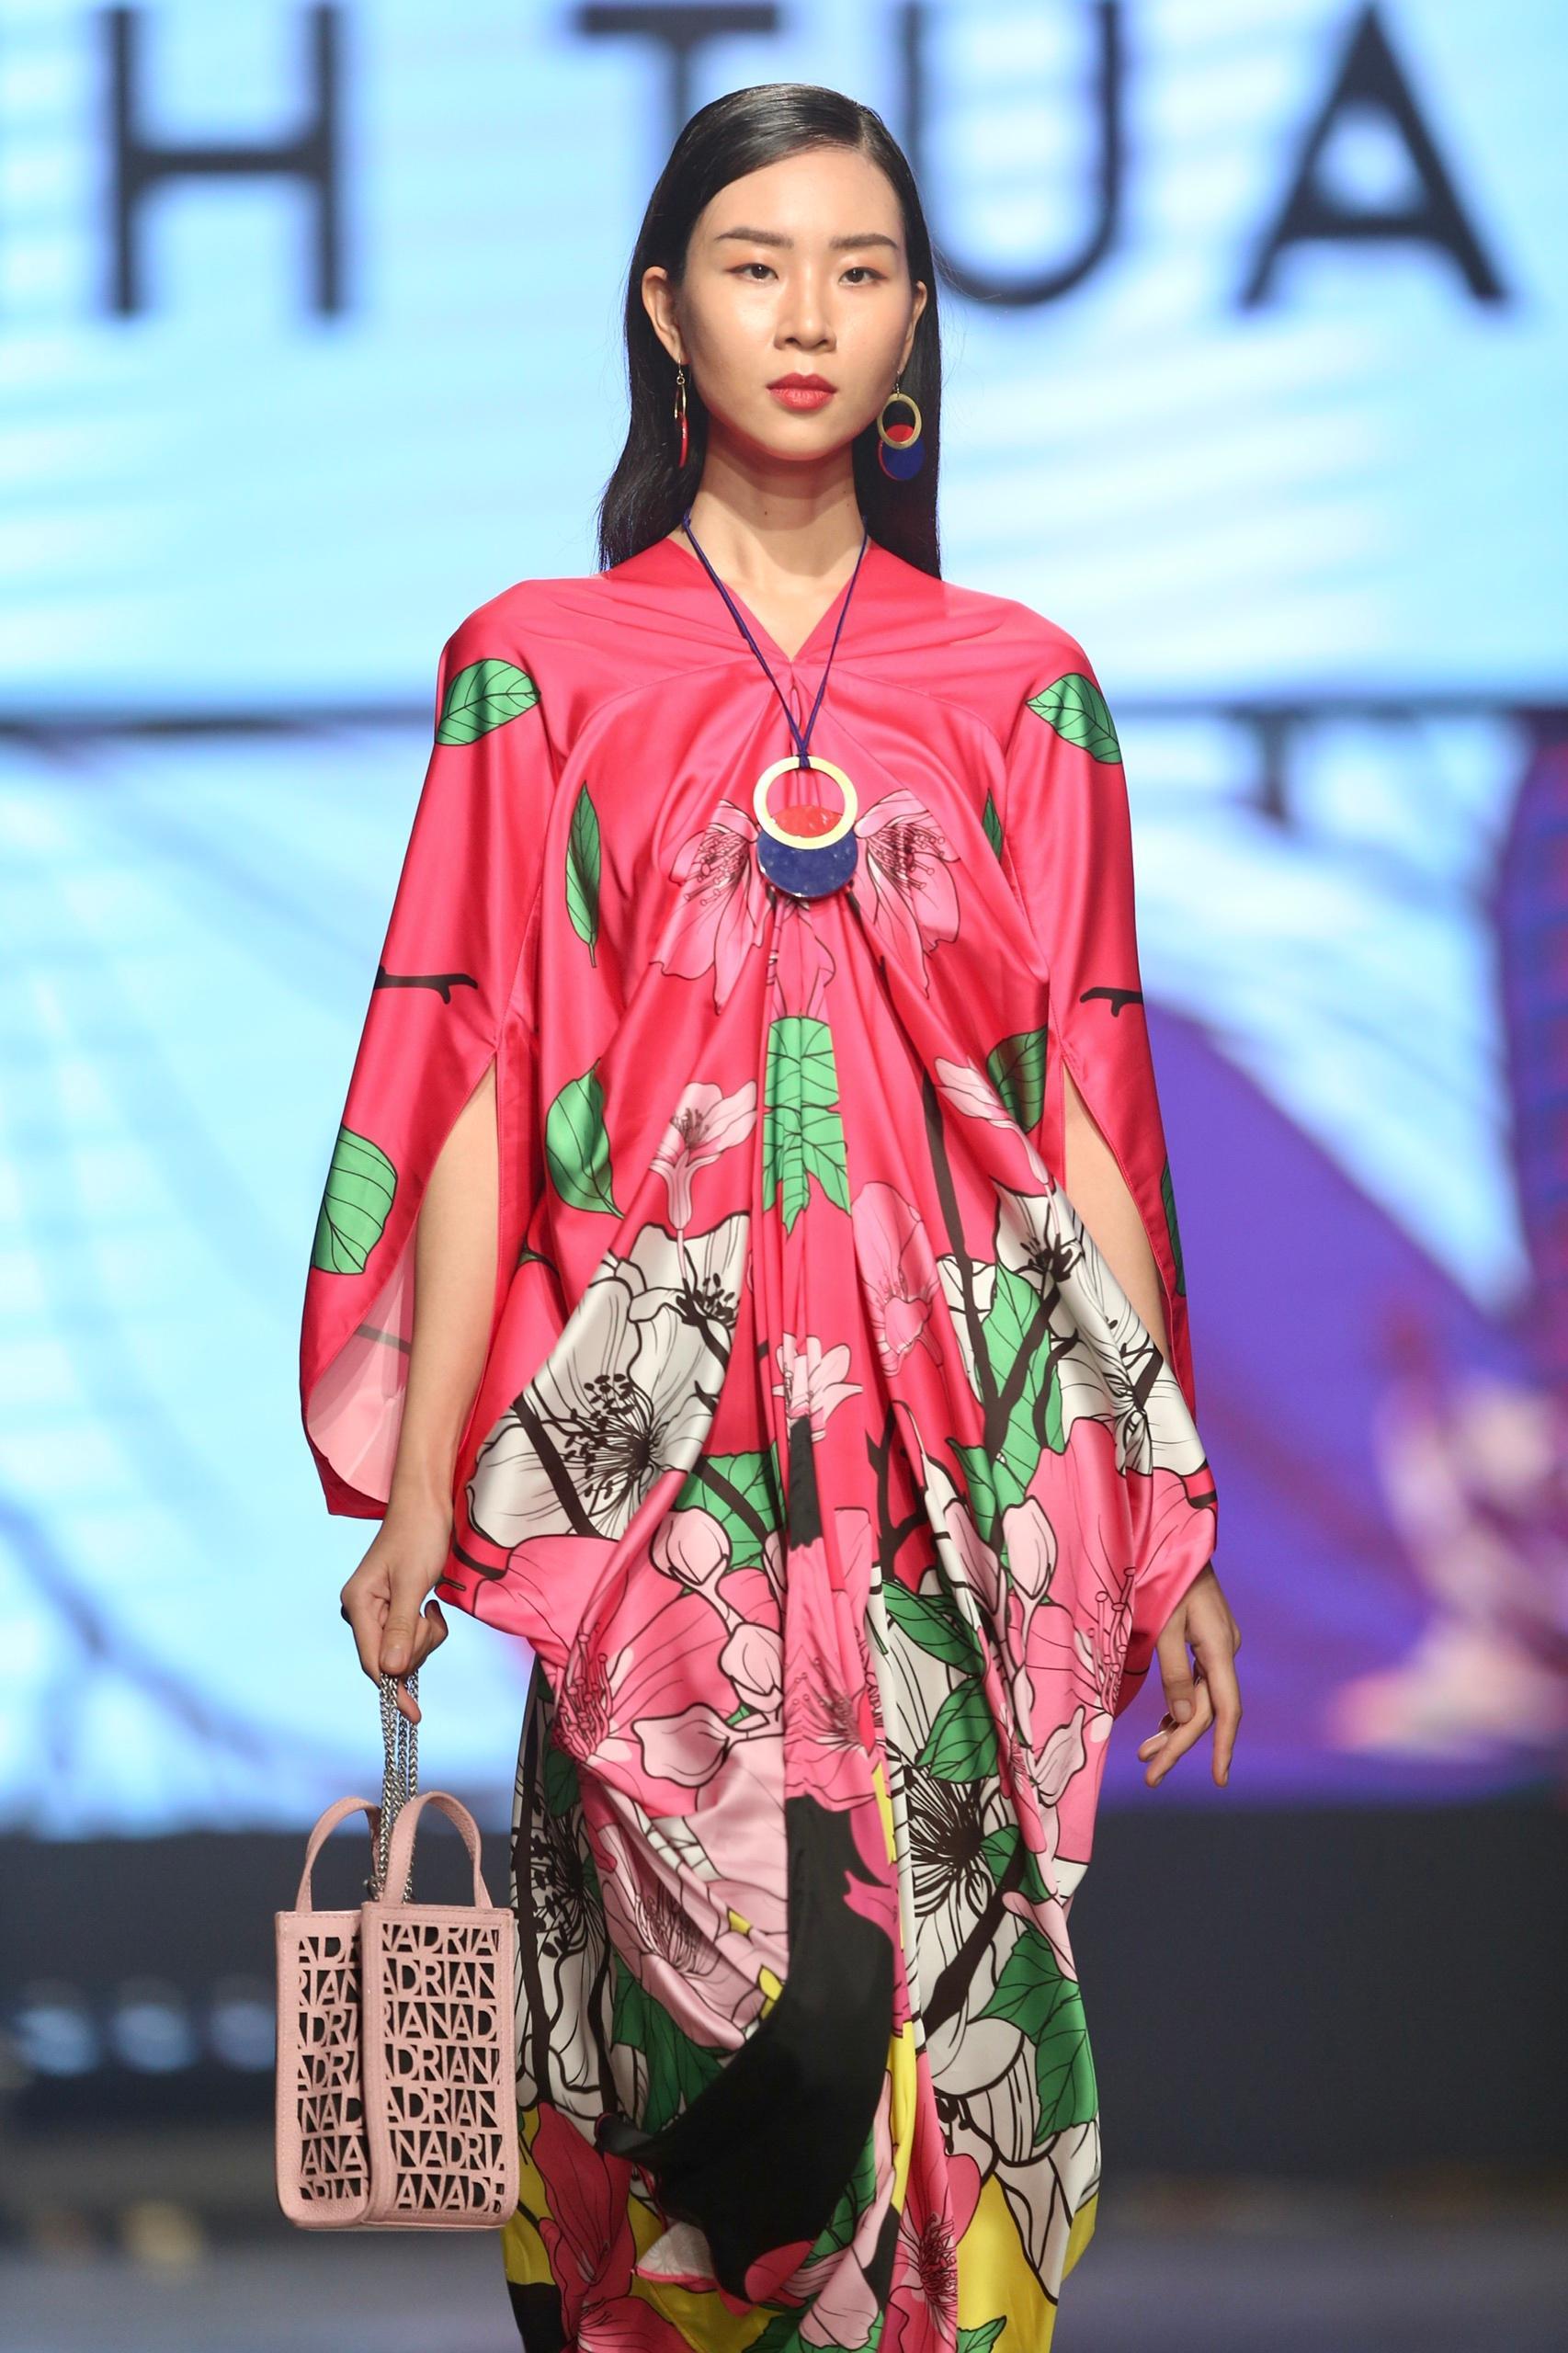 Hoa hậu Tiểu Vy mặc áo lưới gợi cảm trong show thời trang Ảnh 10